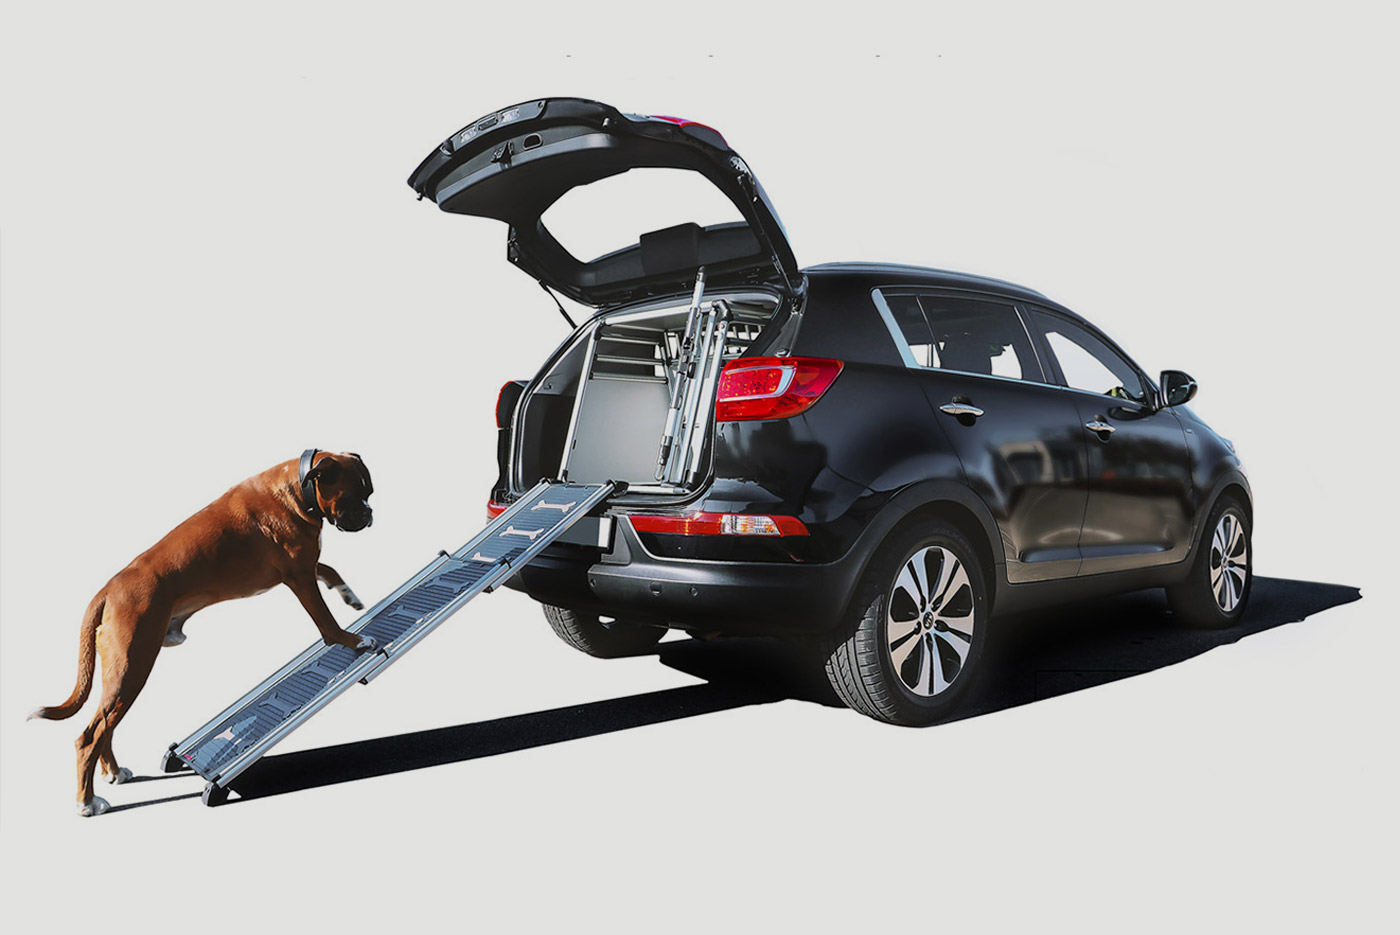 4pets Easysteps dog ramp